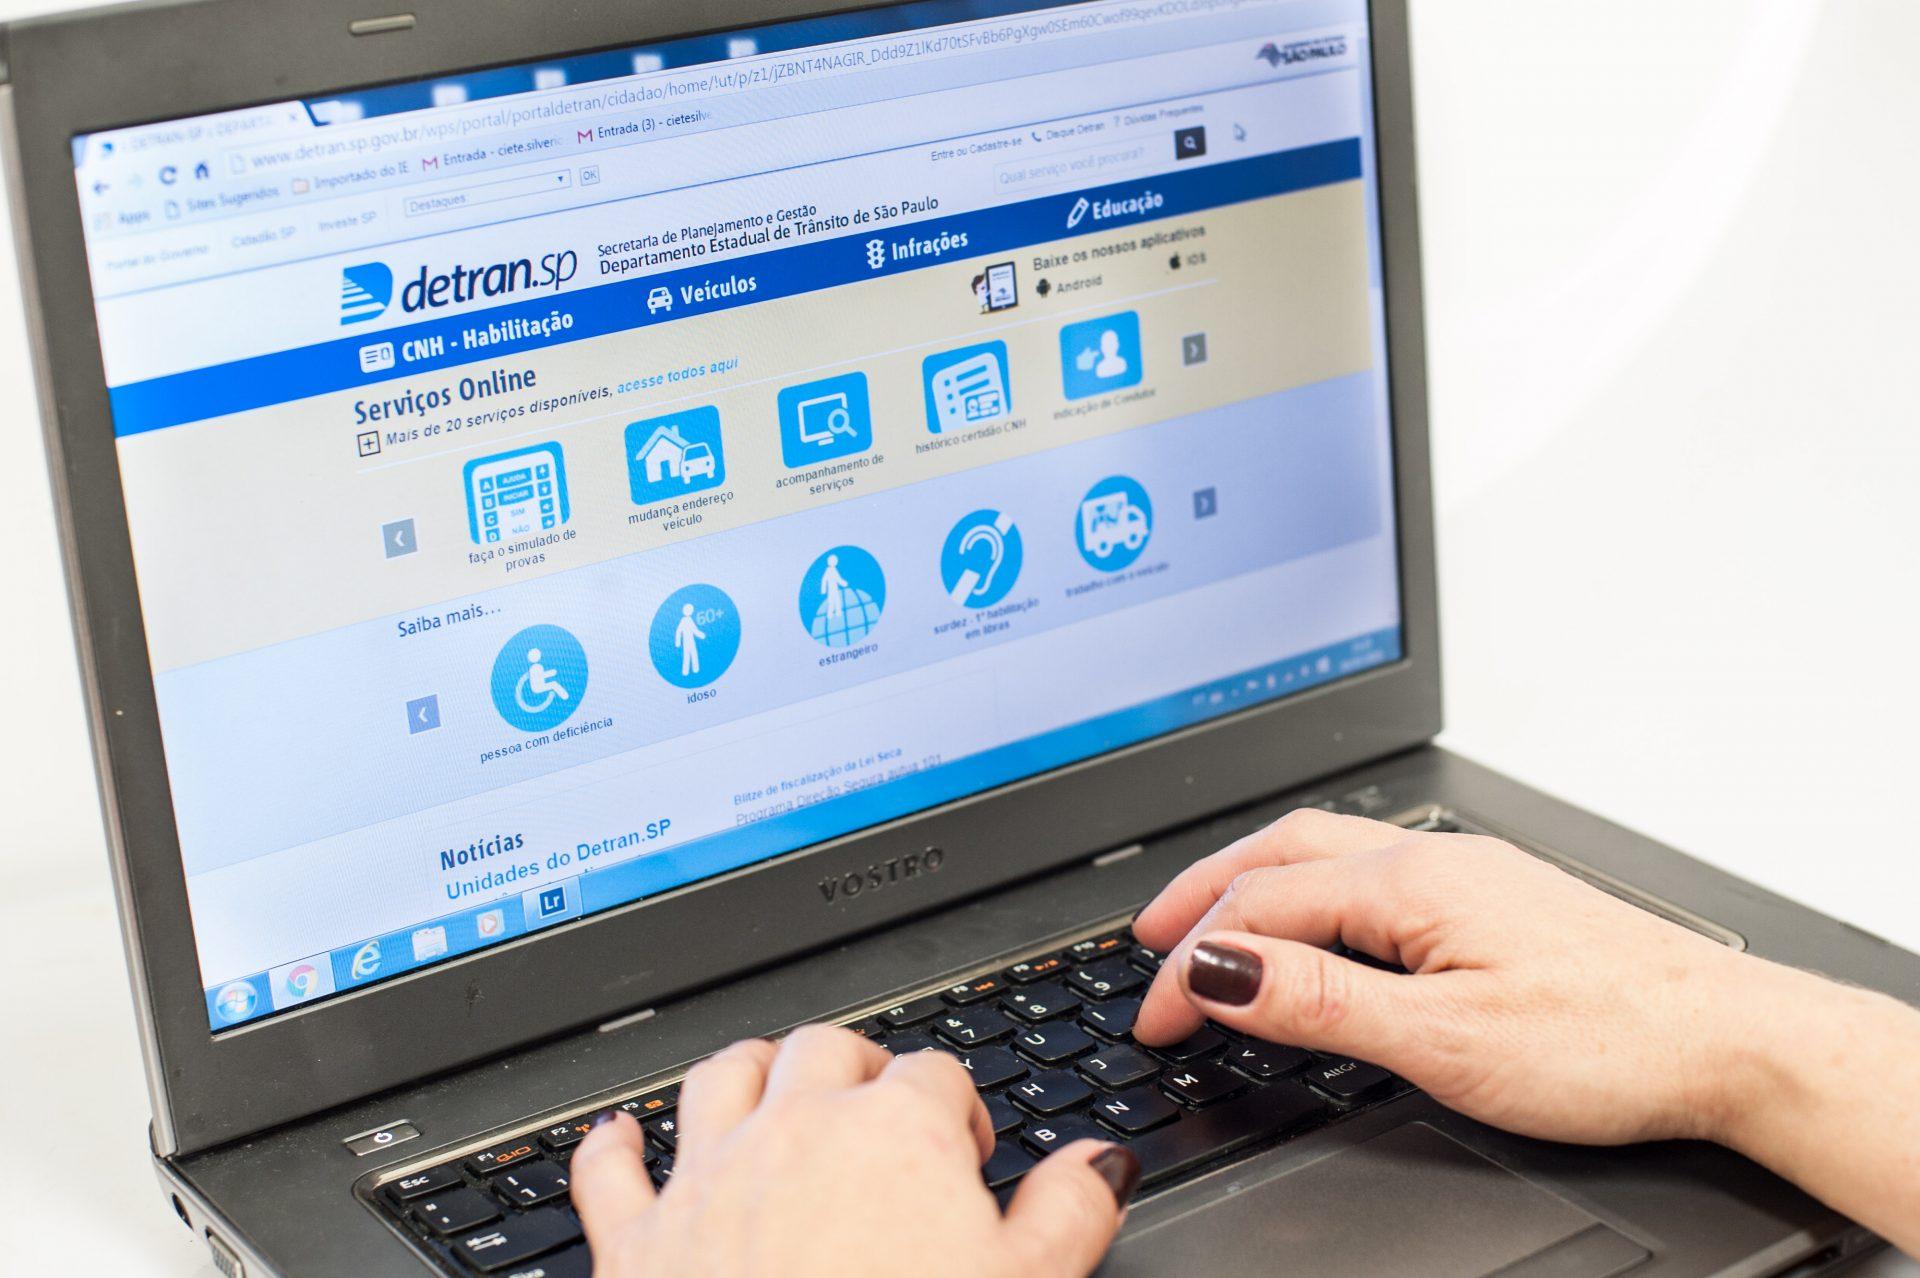 Dicas - Como consultar pontos e multas pela internet? - Recorra Aqui - Multas e CNH - cnh | condutor | consulta